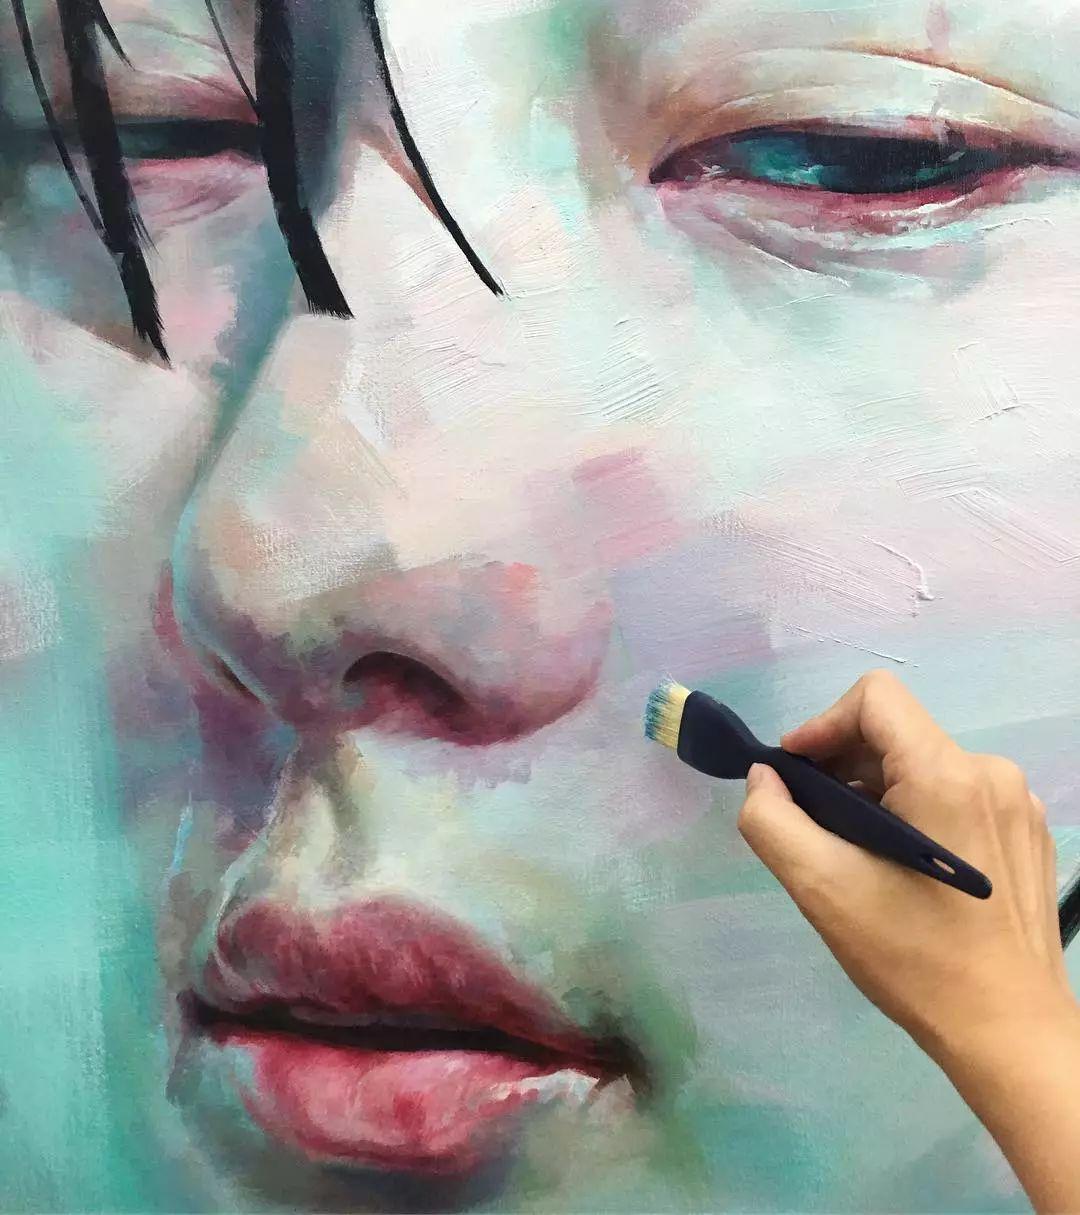 画笔留下的记忆,来自油画的魅力!插图43